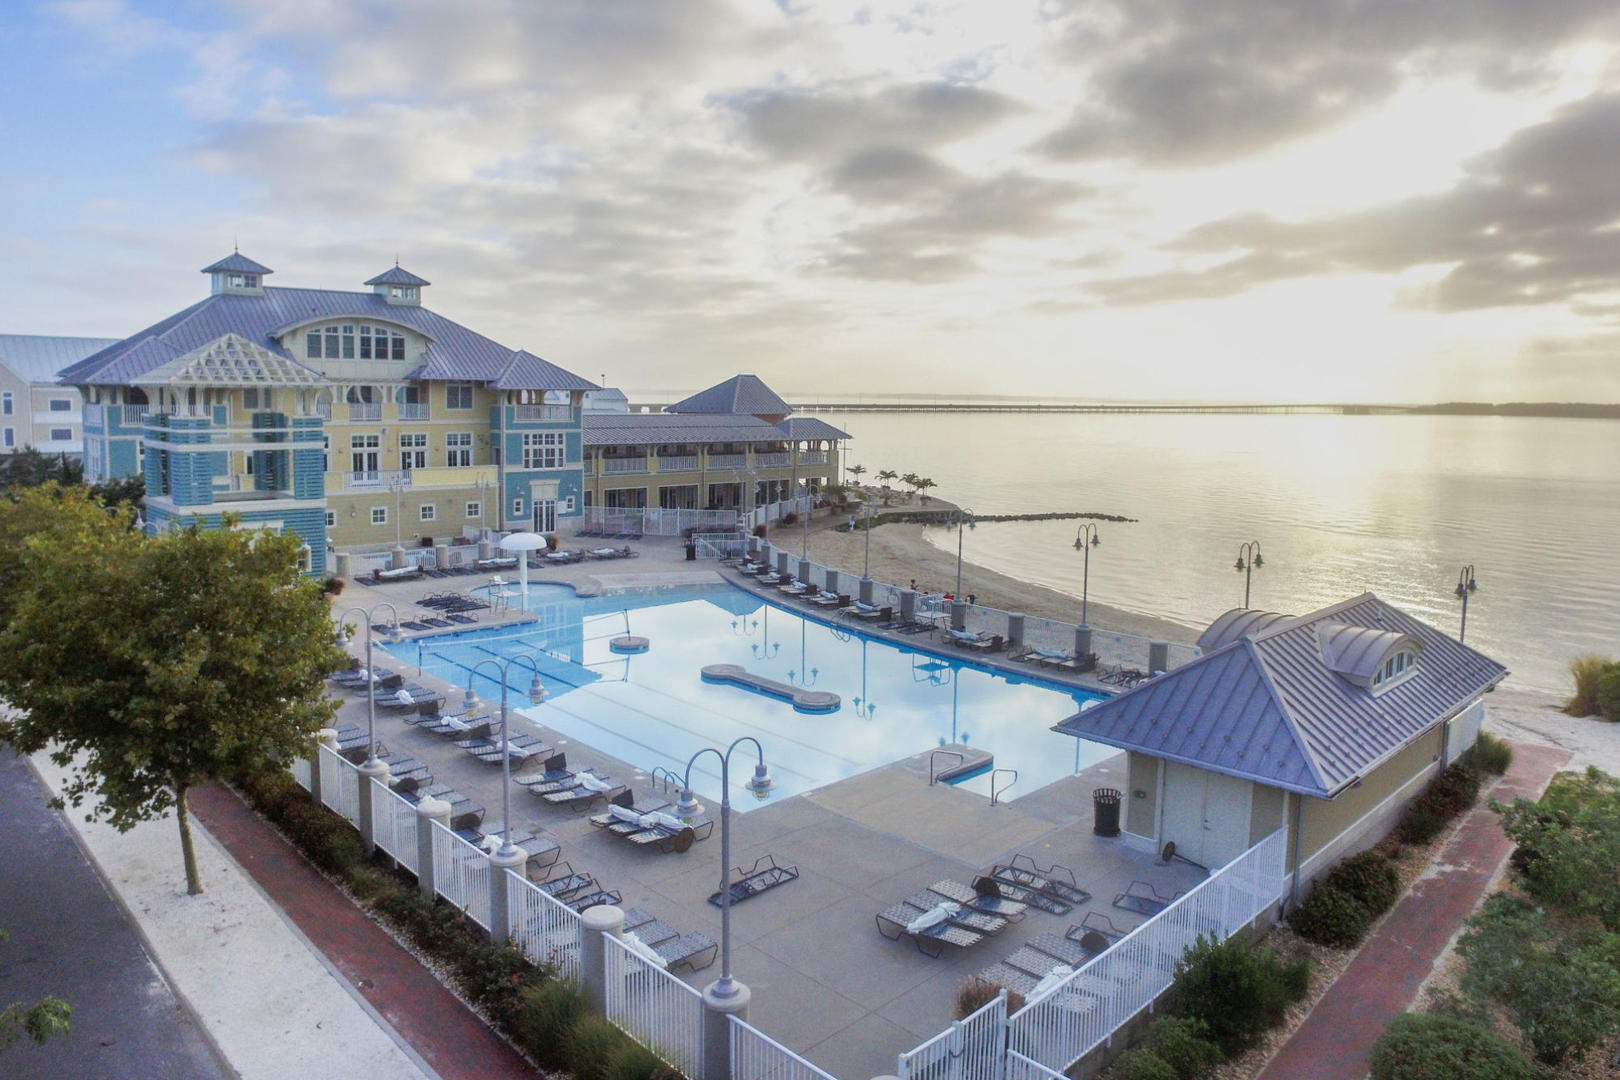 Sunset Island Outdoor Pool (open seasonally)